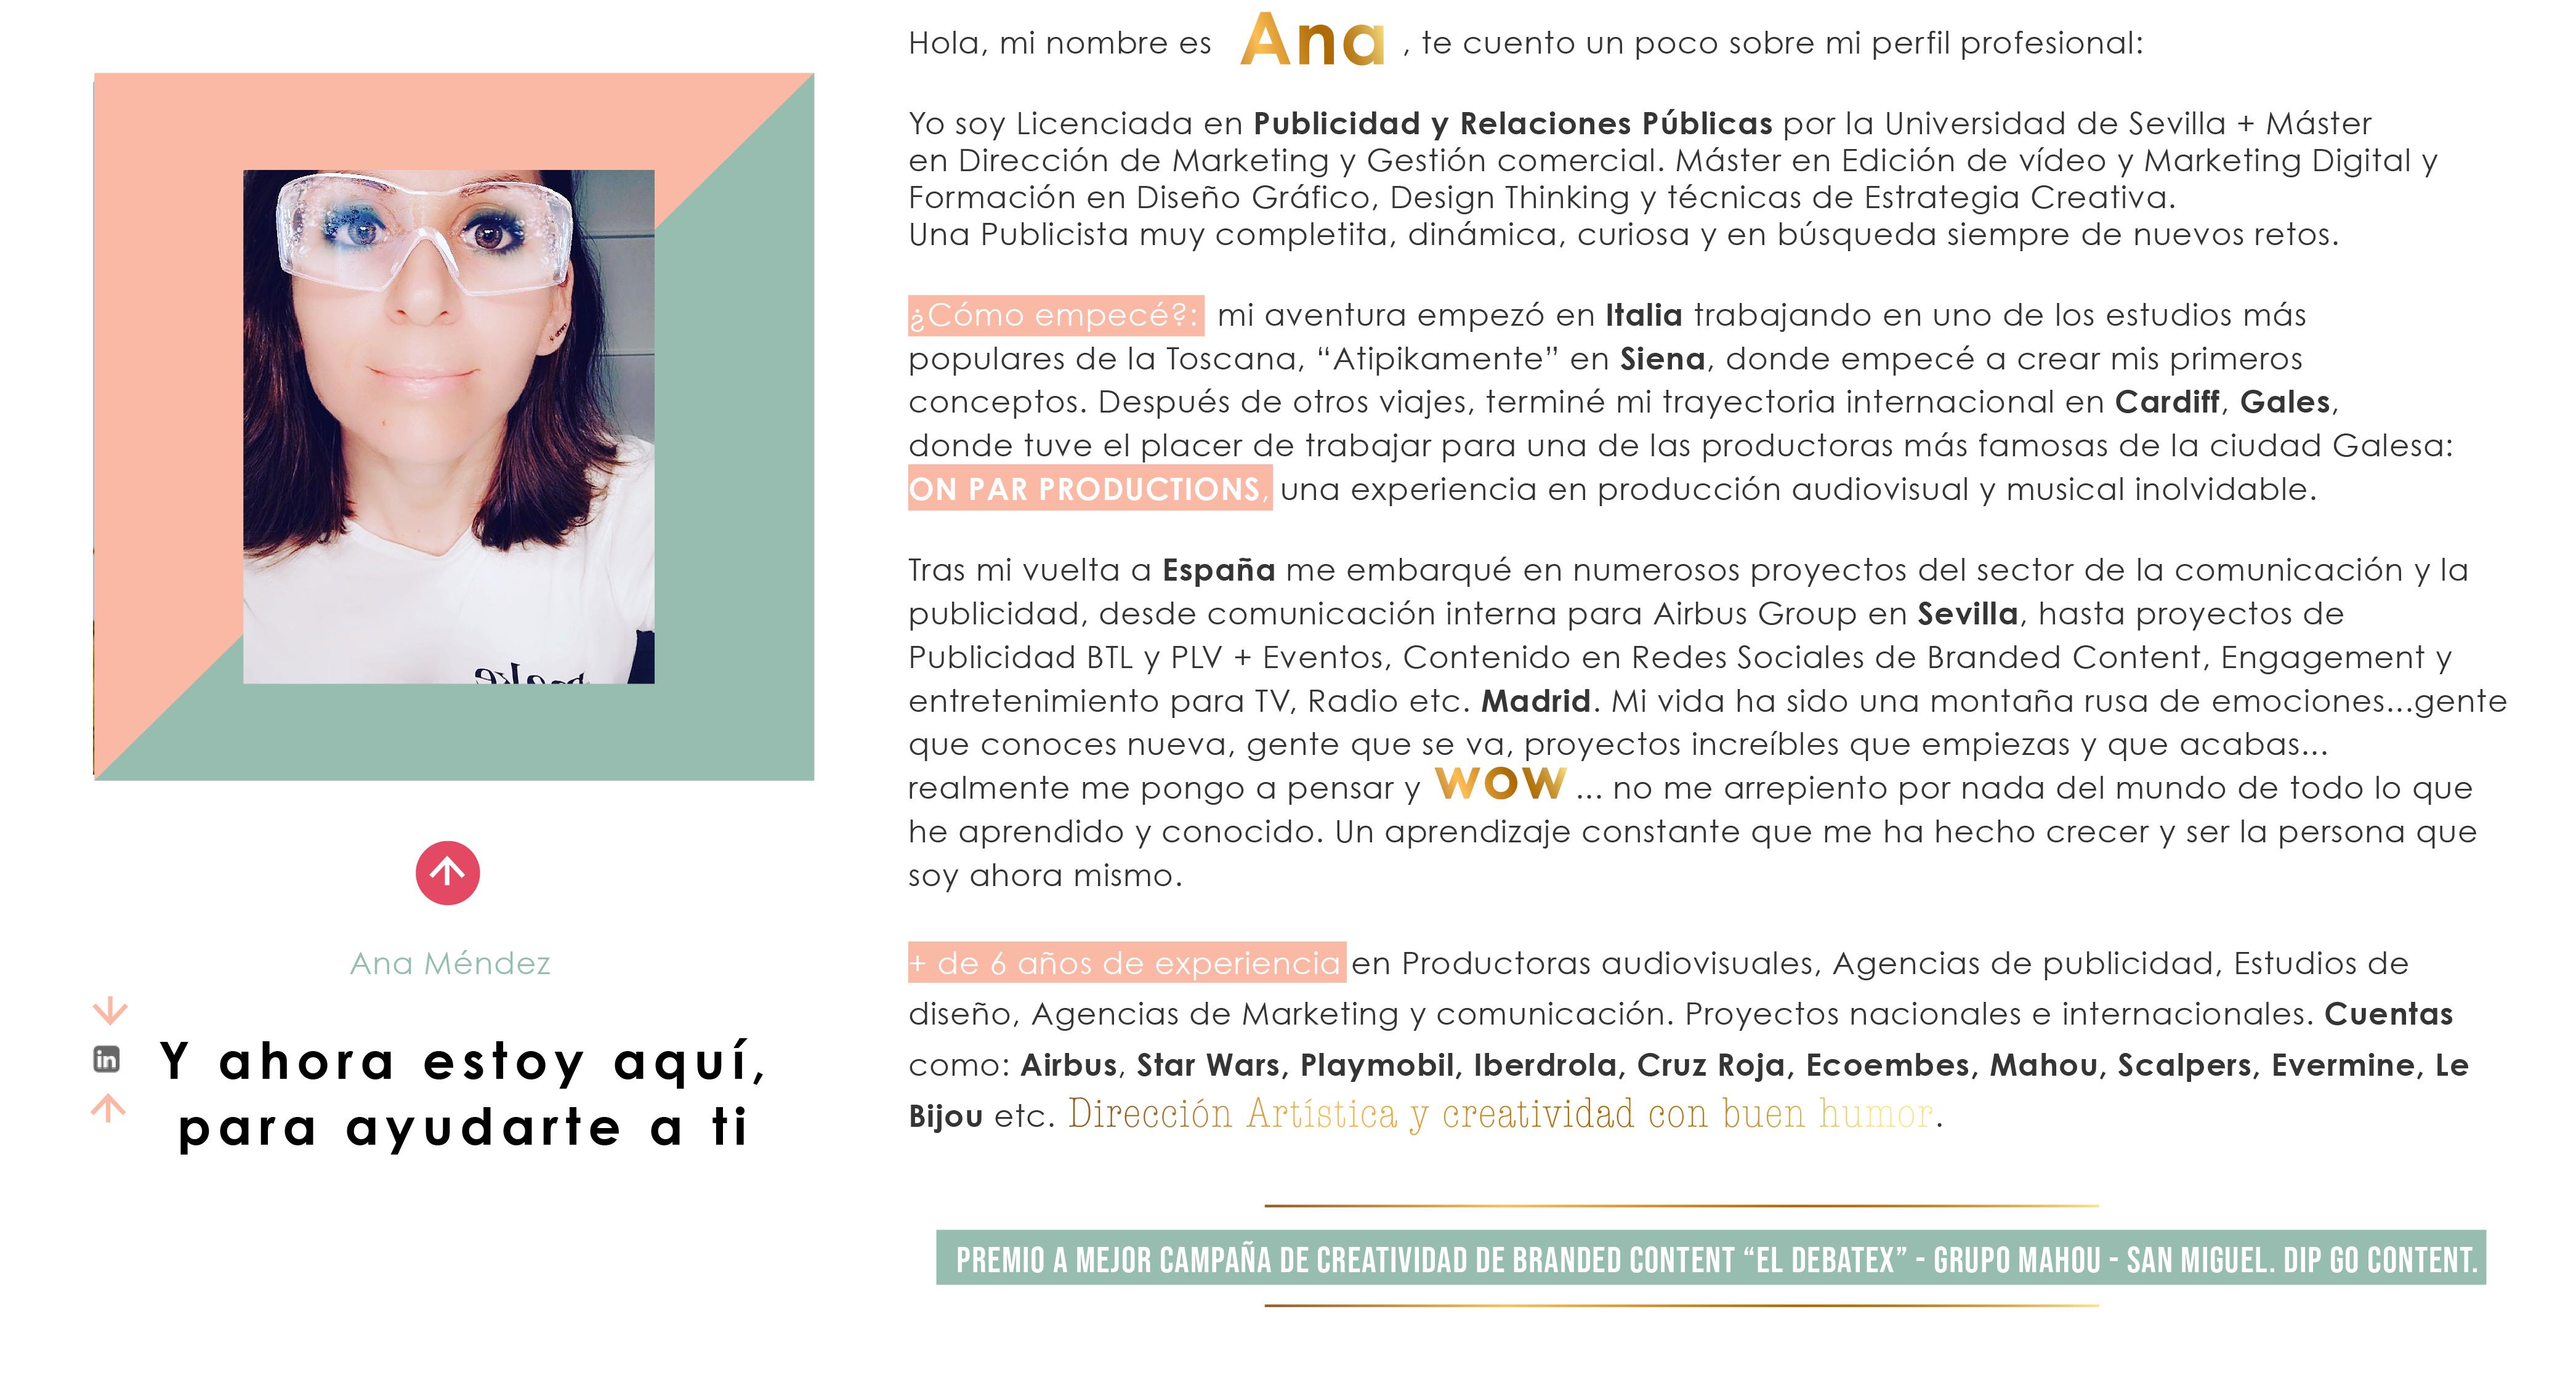 Ana Méndez_estratega creativa publicitaria